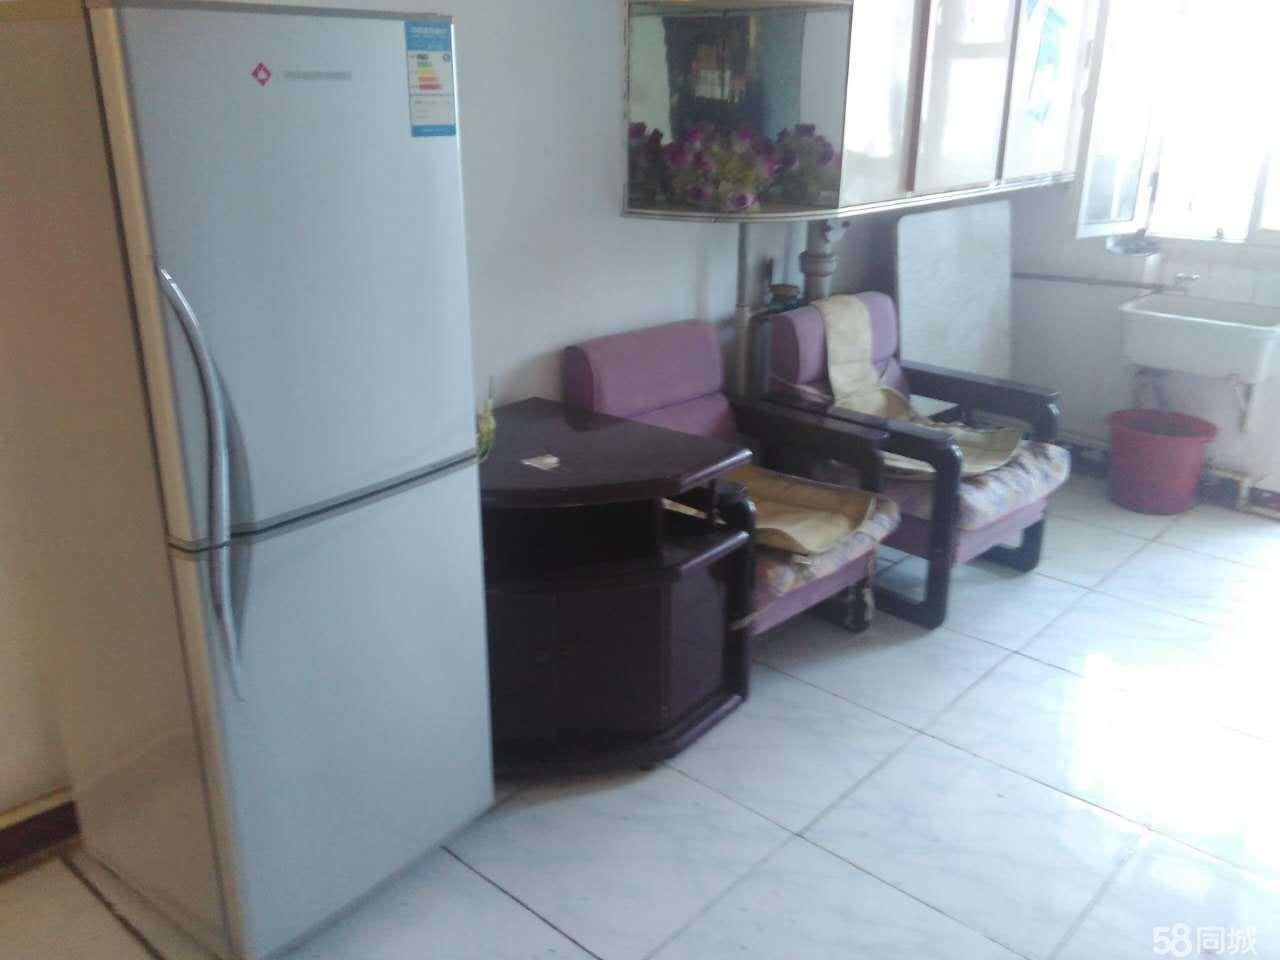 三角公园中医院五层1室1厅40平地砖双人床电视衣柜冰箱